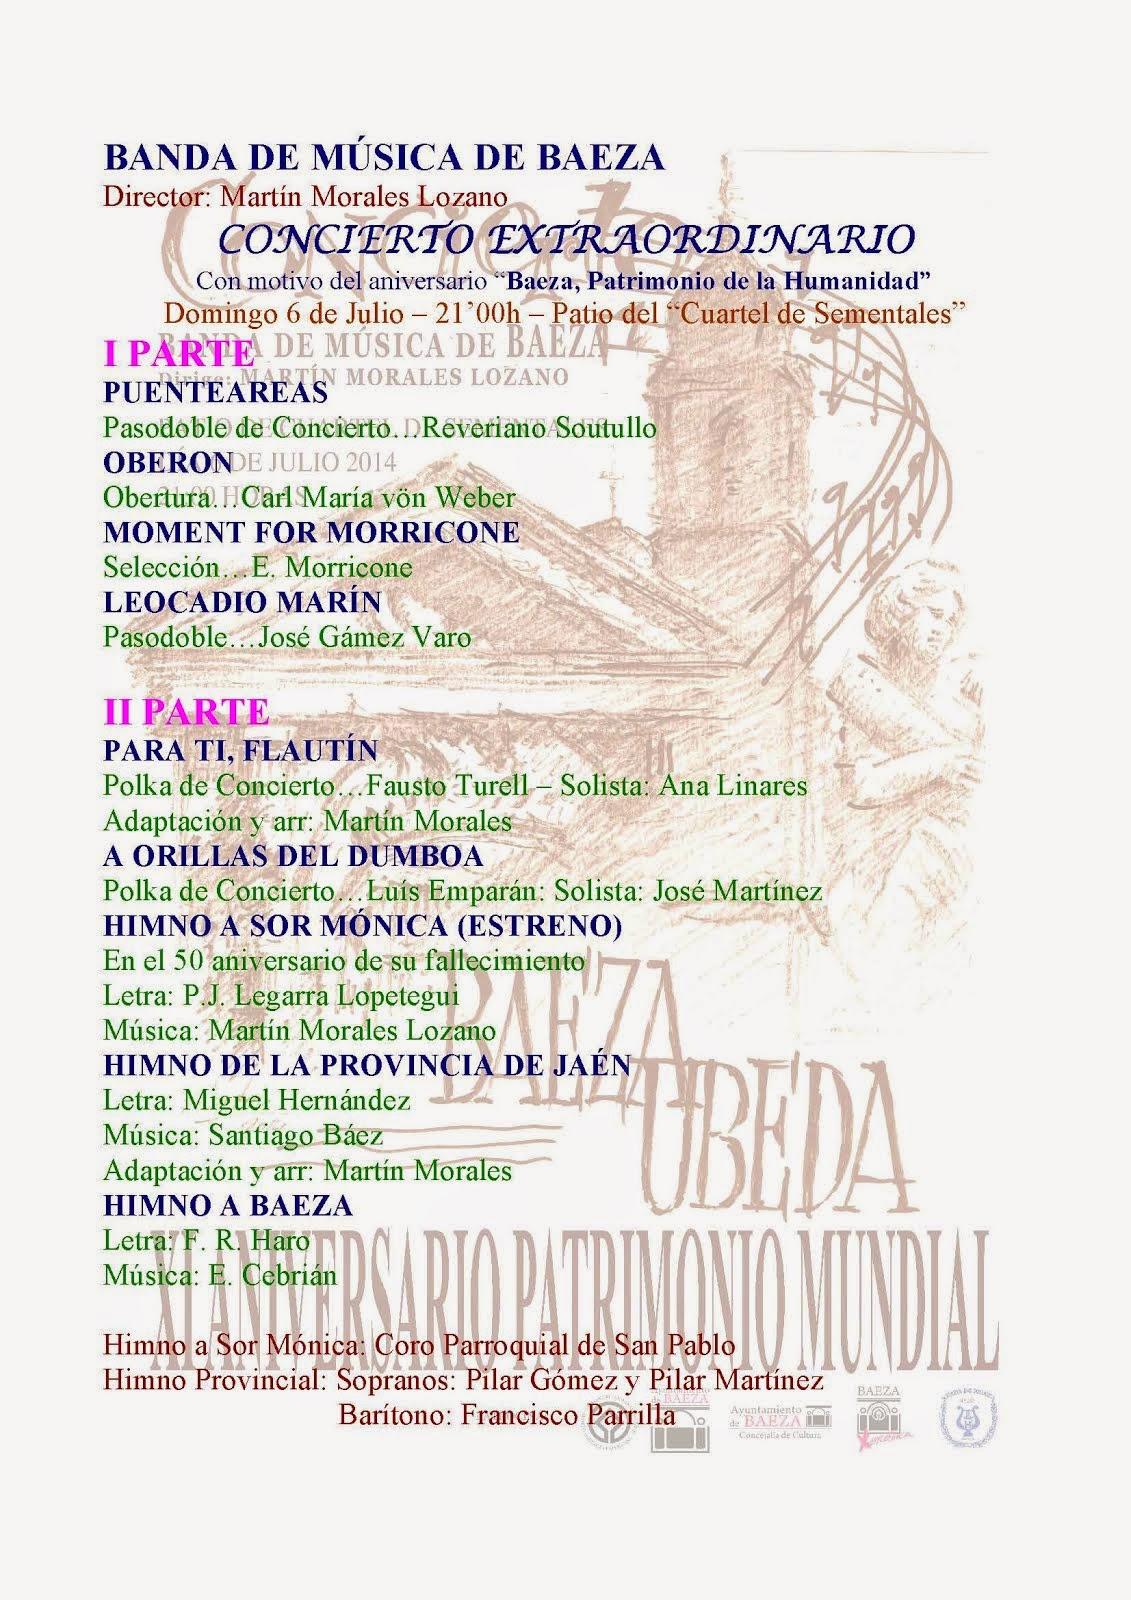 BANDA DE MÚSICA DE BAEZA - PROGRAMA - XI CONCIERTO DEL PATRIMONIO